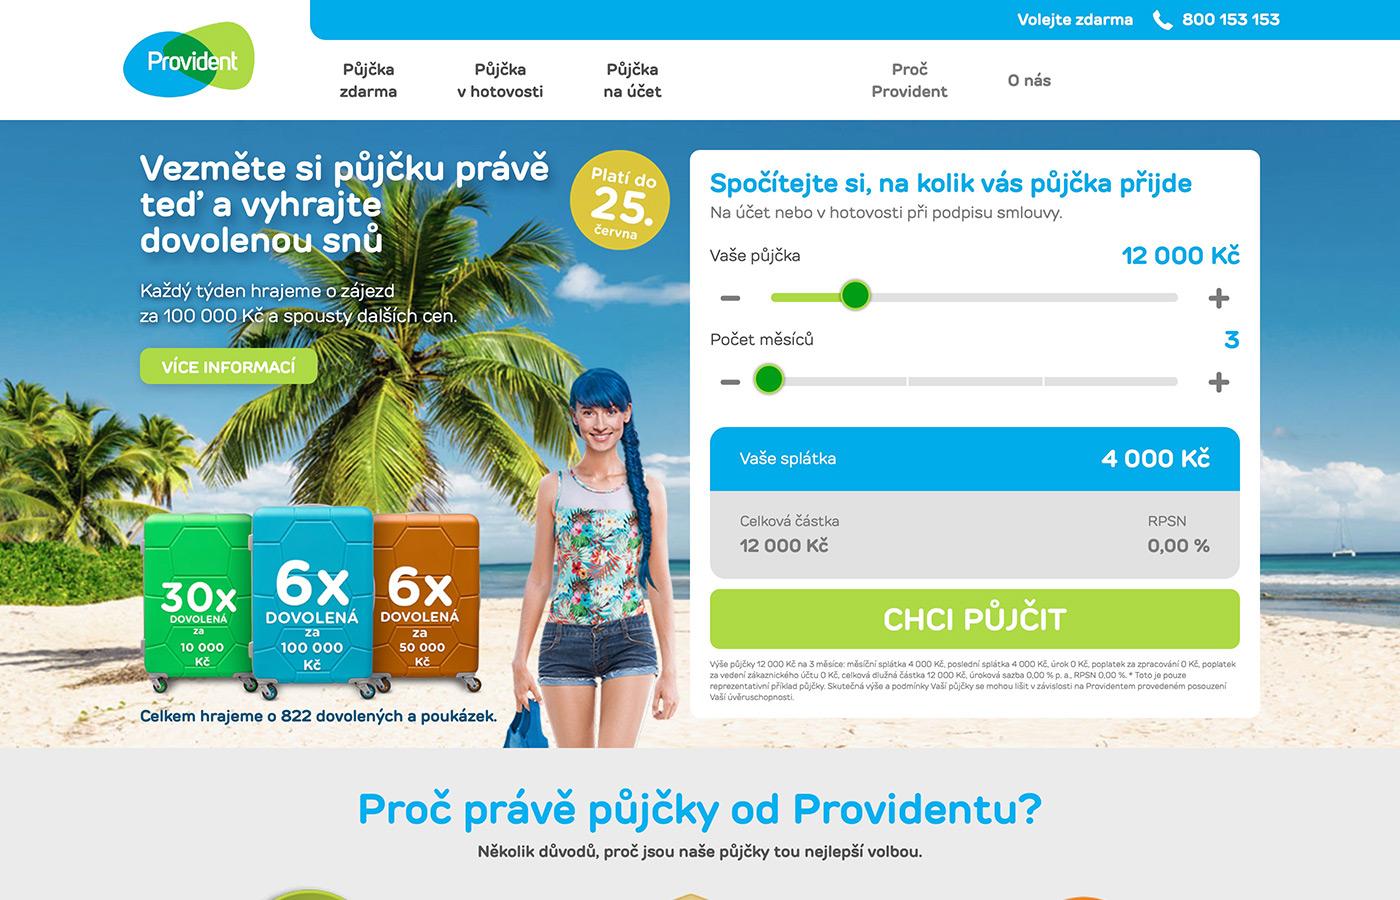 Náhled webu https://www.provident.cz/pujcky/pujcka-zdarma